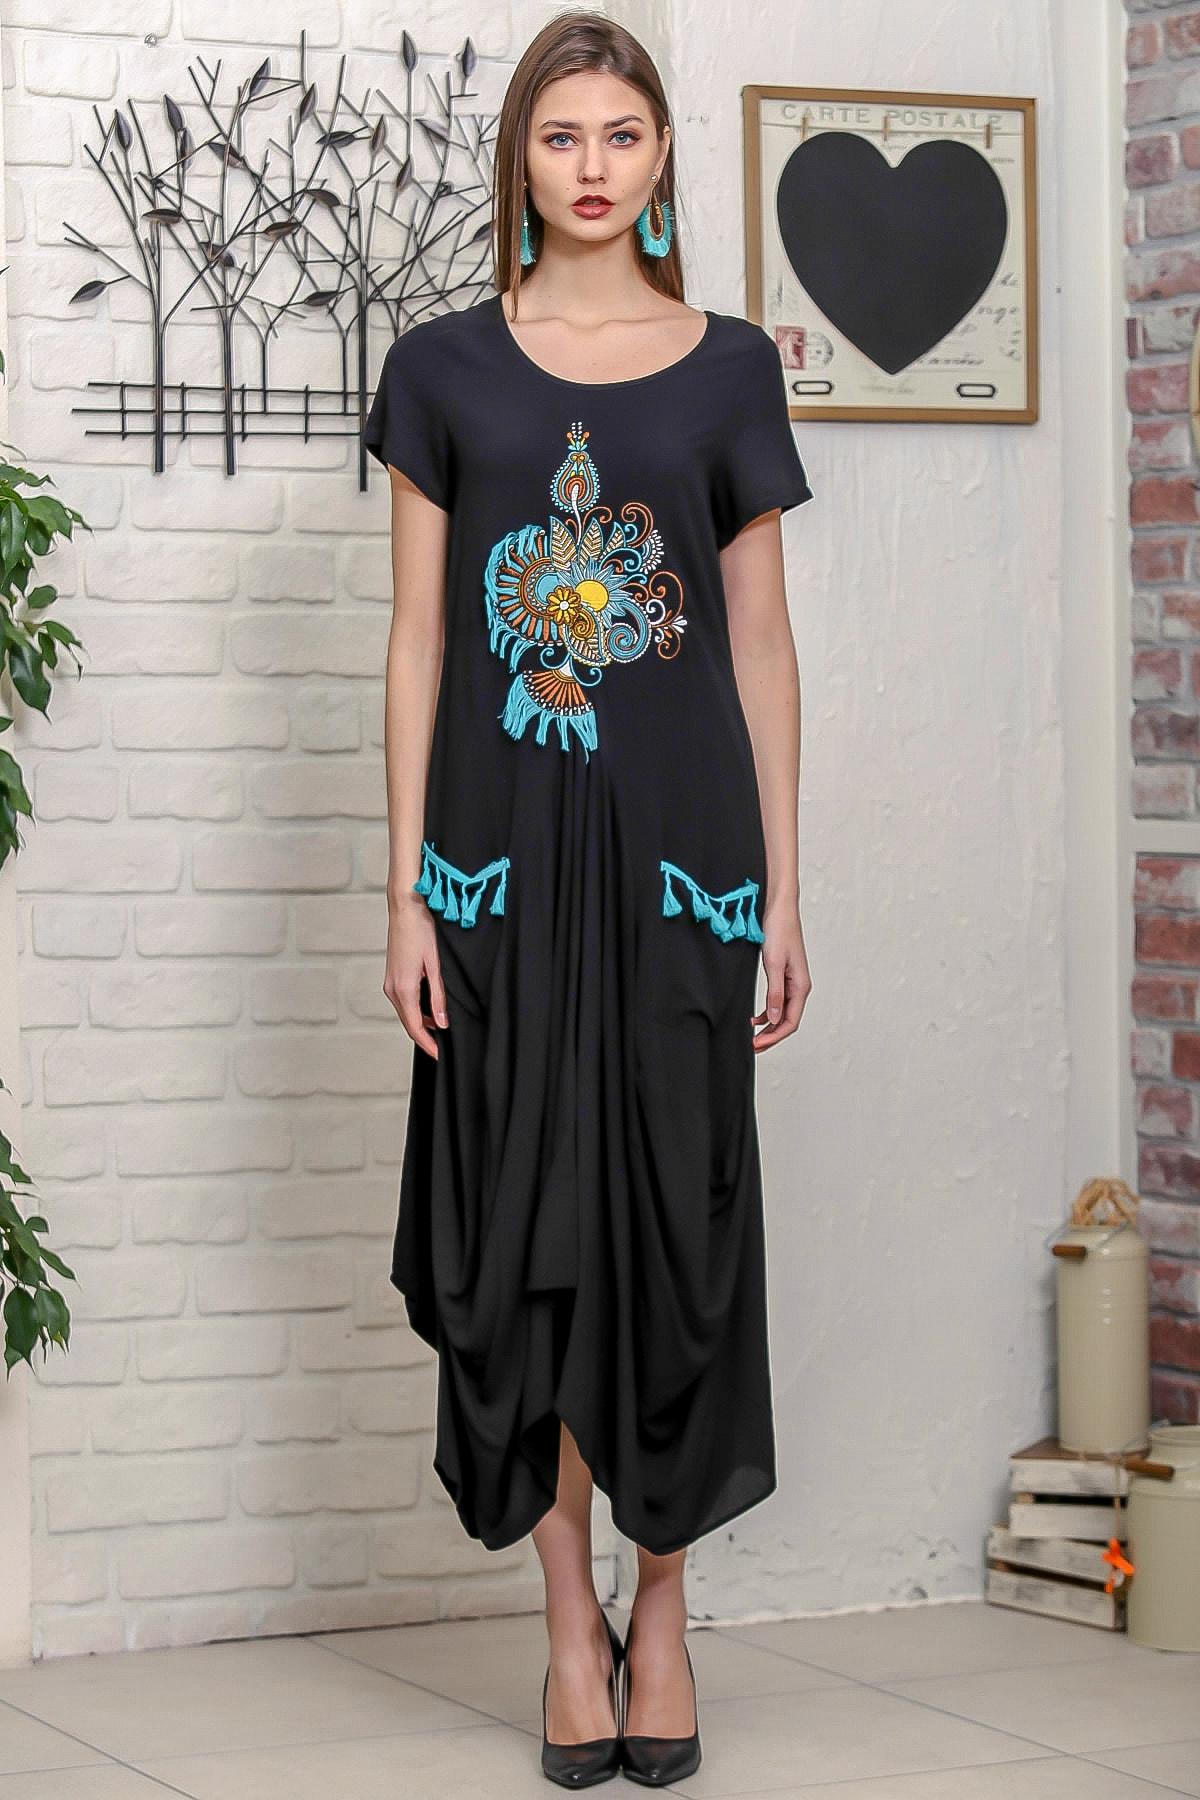 Chiccy Kadın Siyah Ottoman Yelpaze Nakışlı Cepleri Püsküllü Asimetrik Salaş Elbise 2